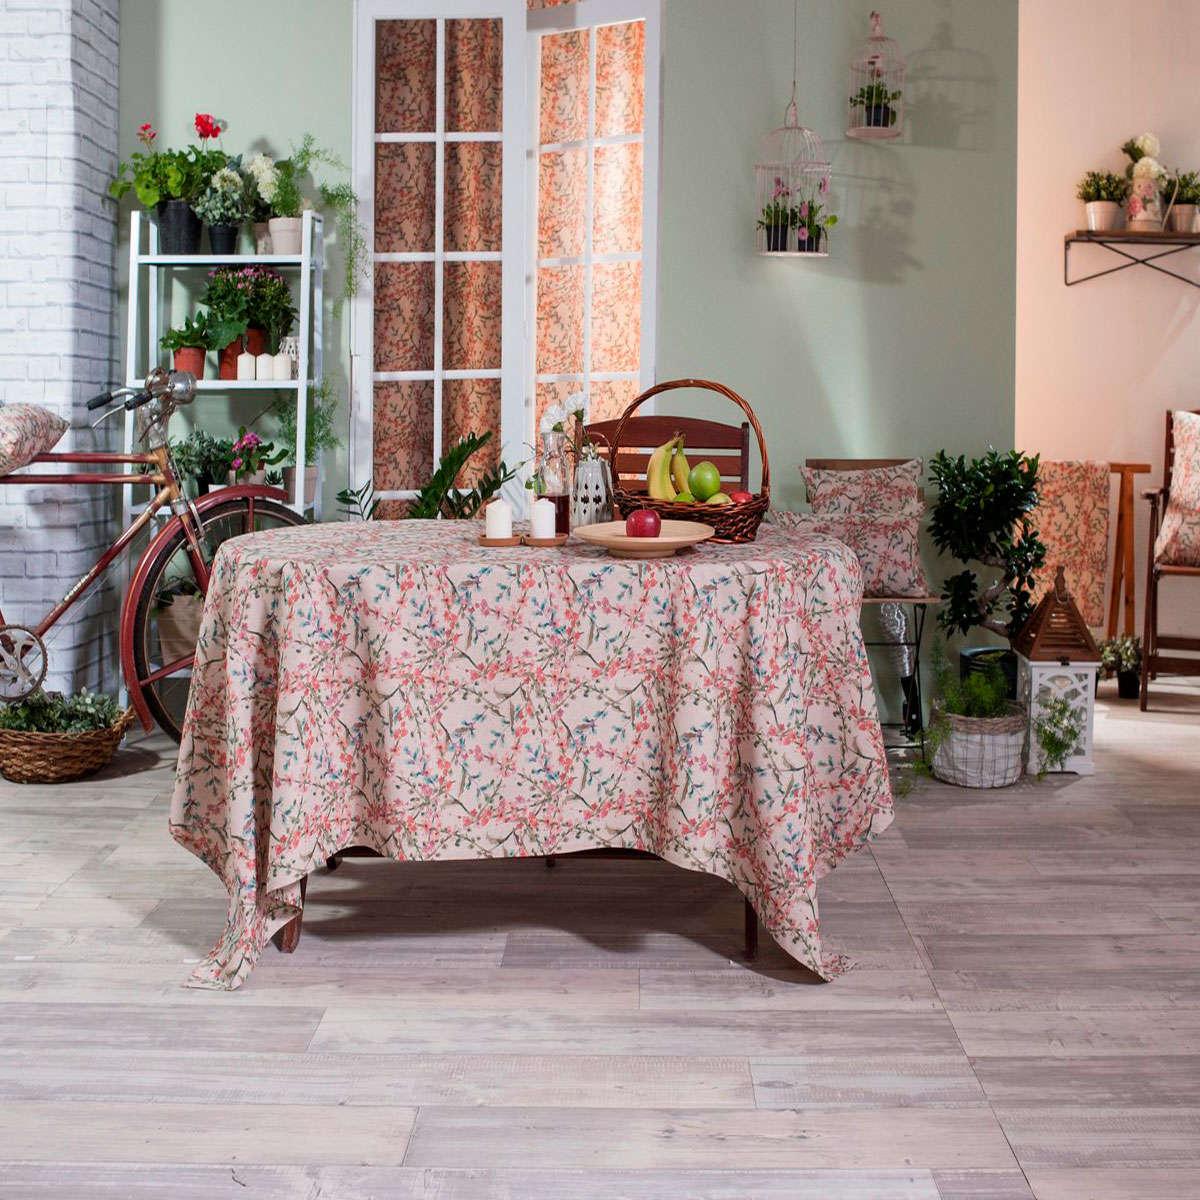 Μαξιλαροθήκη Διακοσμητική Δαπέδου Rimini Teoran 60X60 Βαμβάκι-Polyester